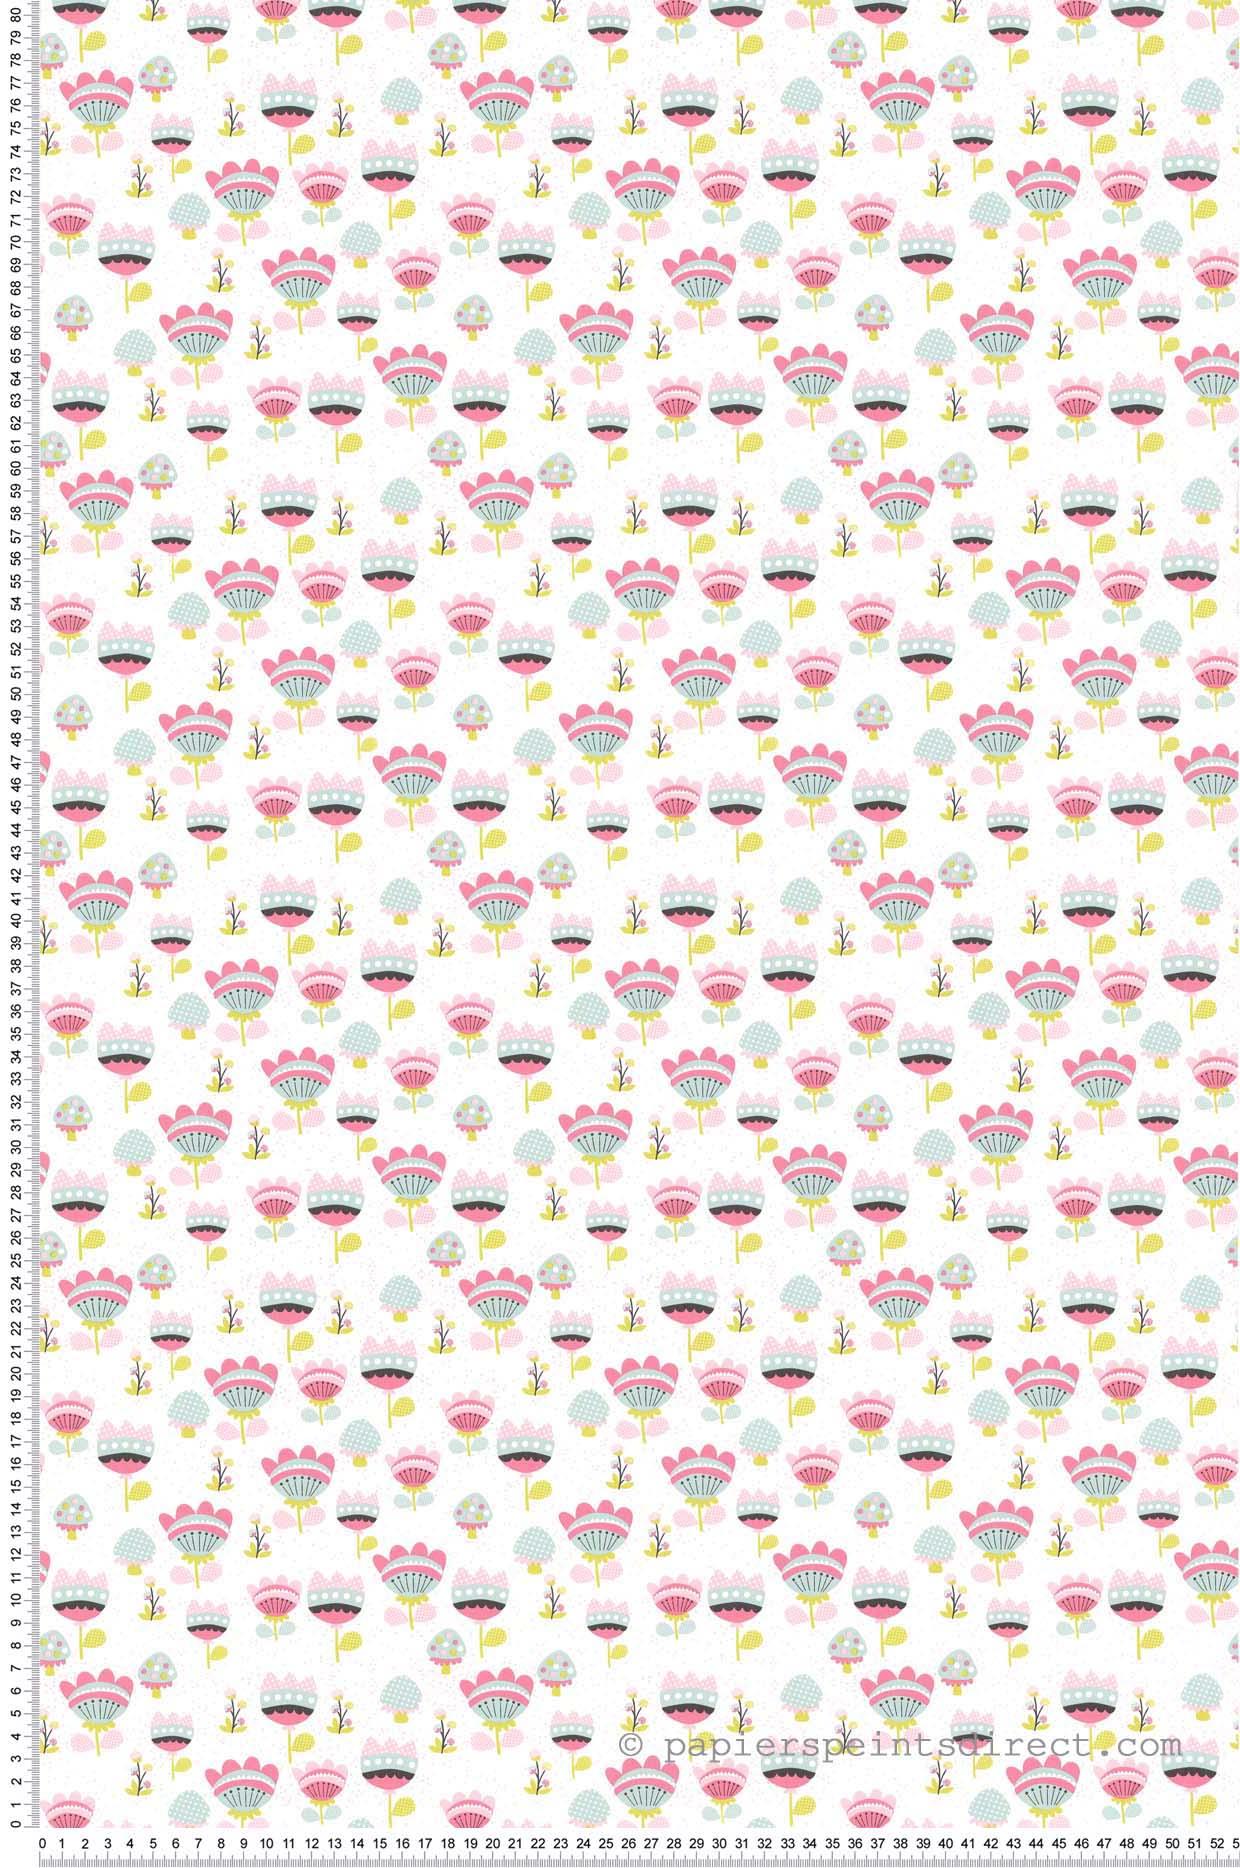 Papier Peint Fleurs enchantées rose - Sélène & Gaïa de Lutèce    Réf. LTC-36160703